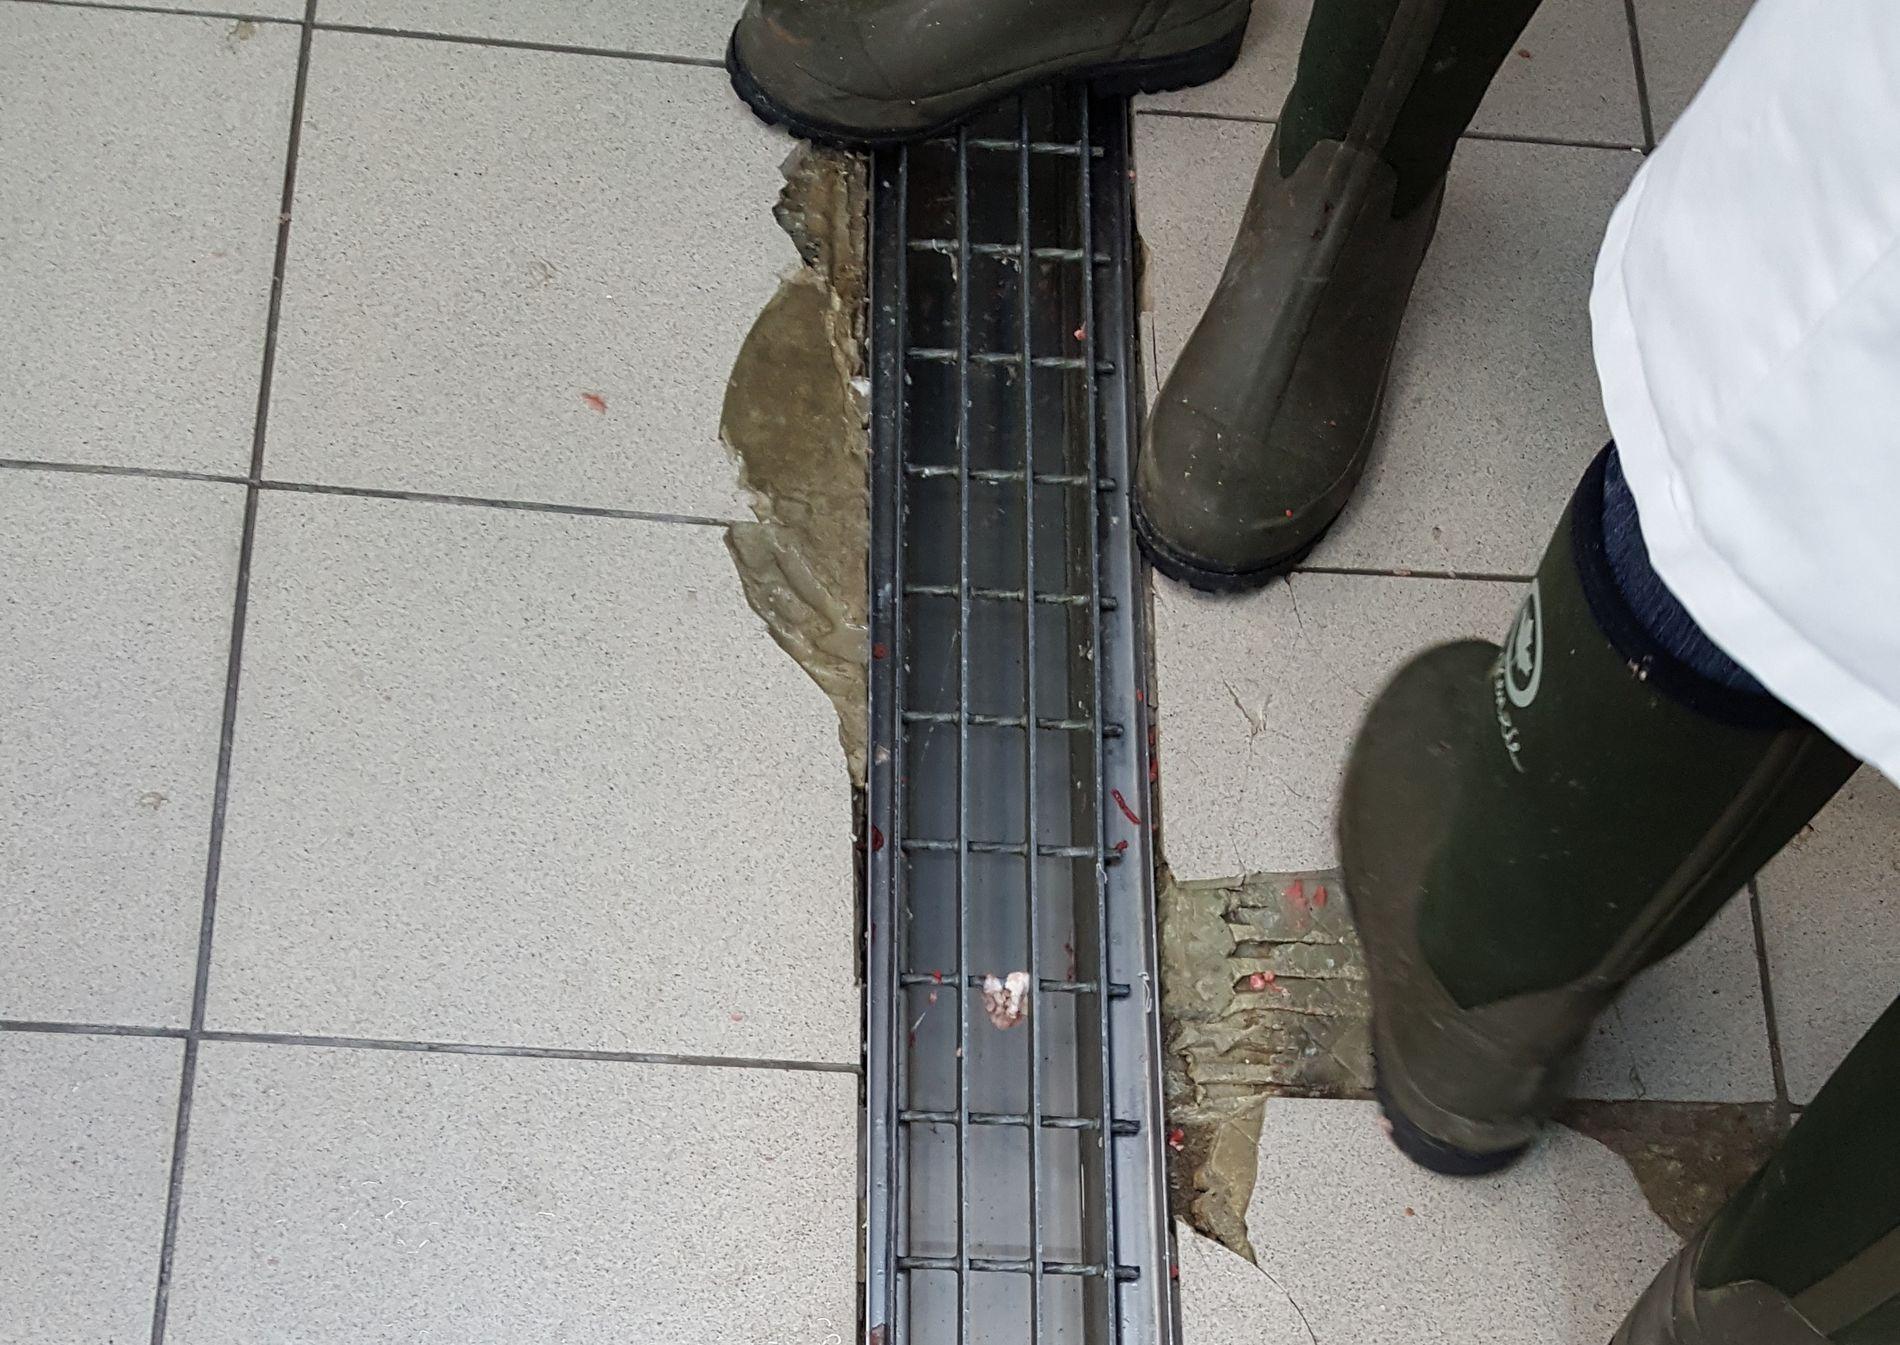 IKKE GODKJENT: Slik var gulvet i kjøleavdelingen på BG Food i Strømstad. Dette er uhygienisk, og gir adgang for skadedyr.